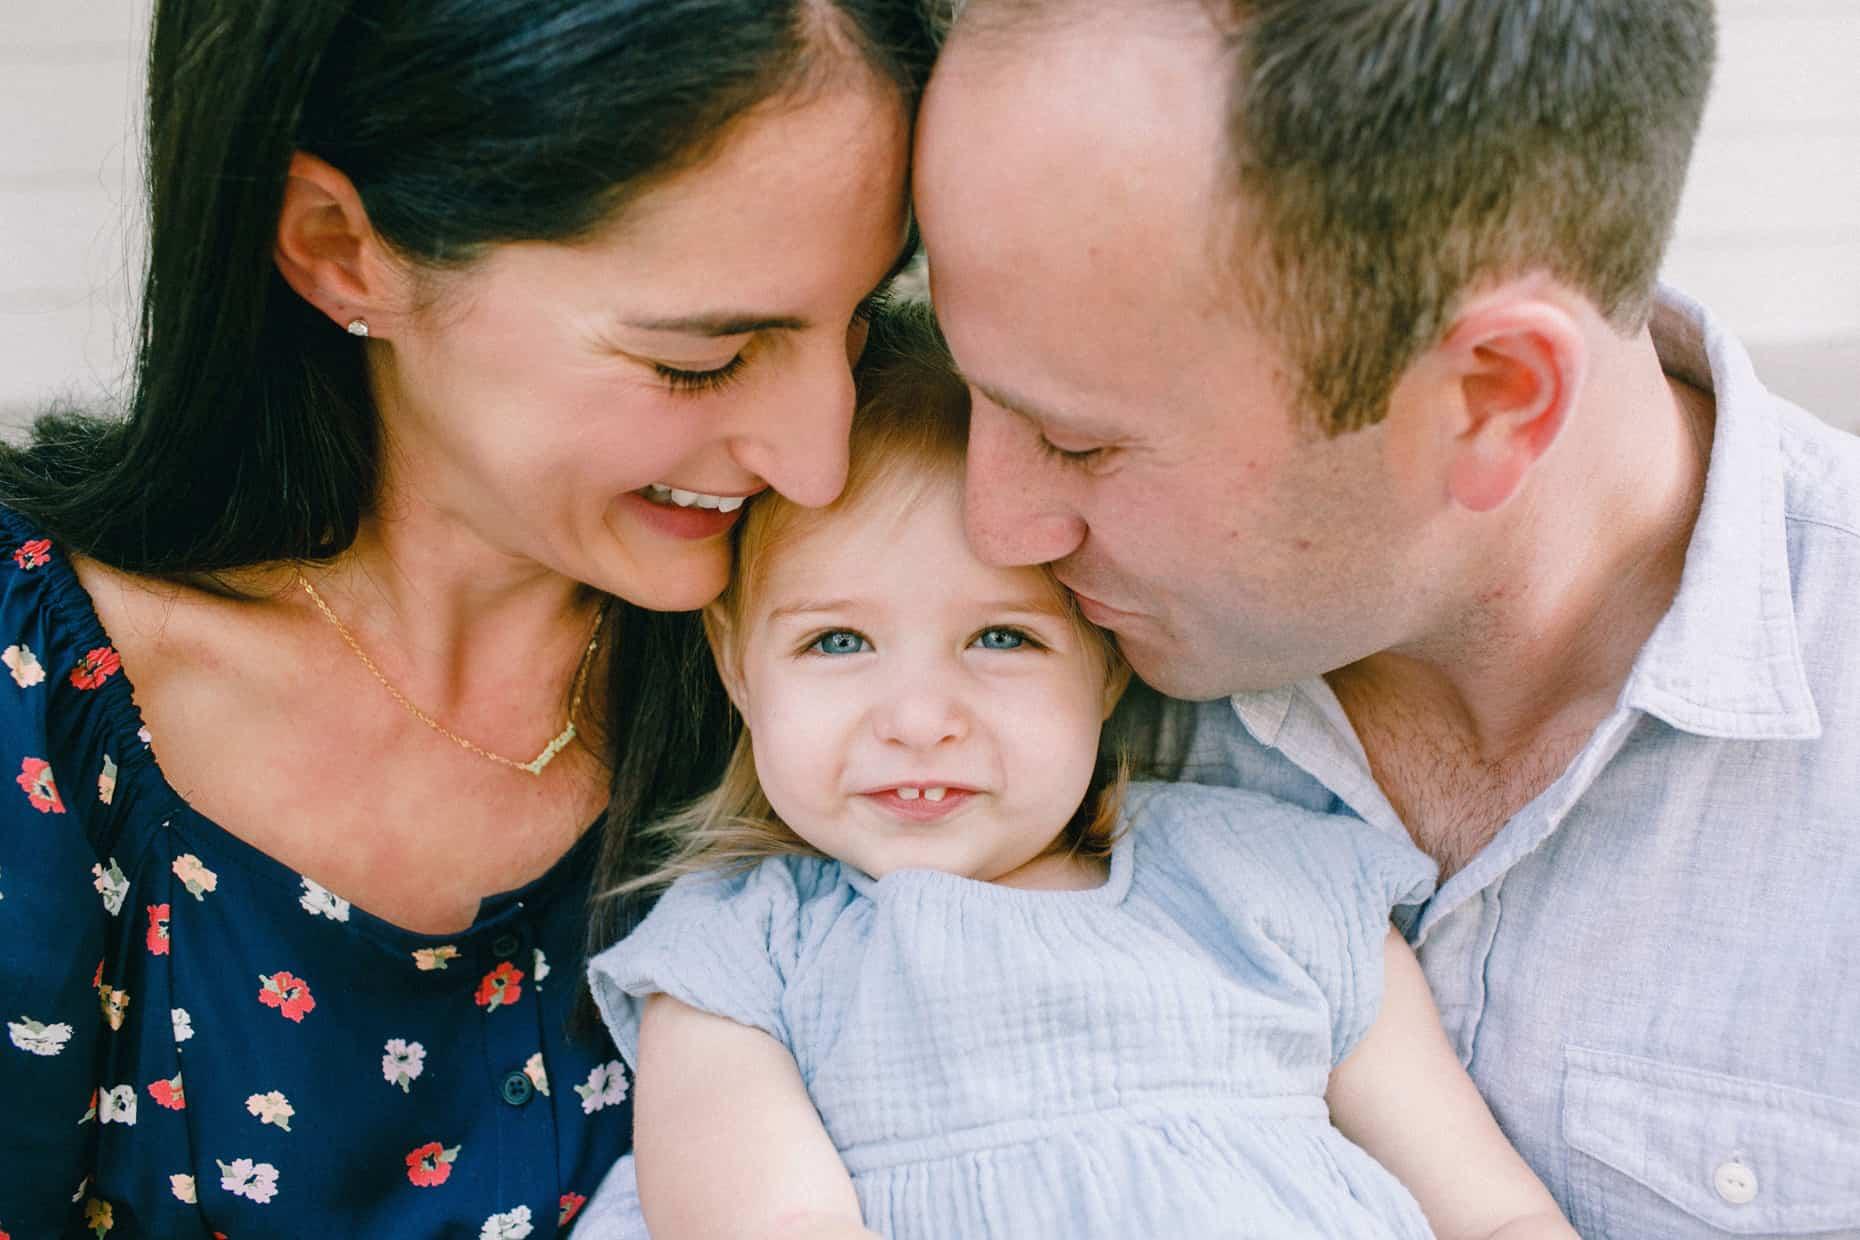 Philadelphia Family photos